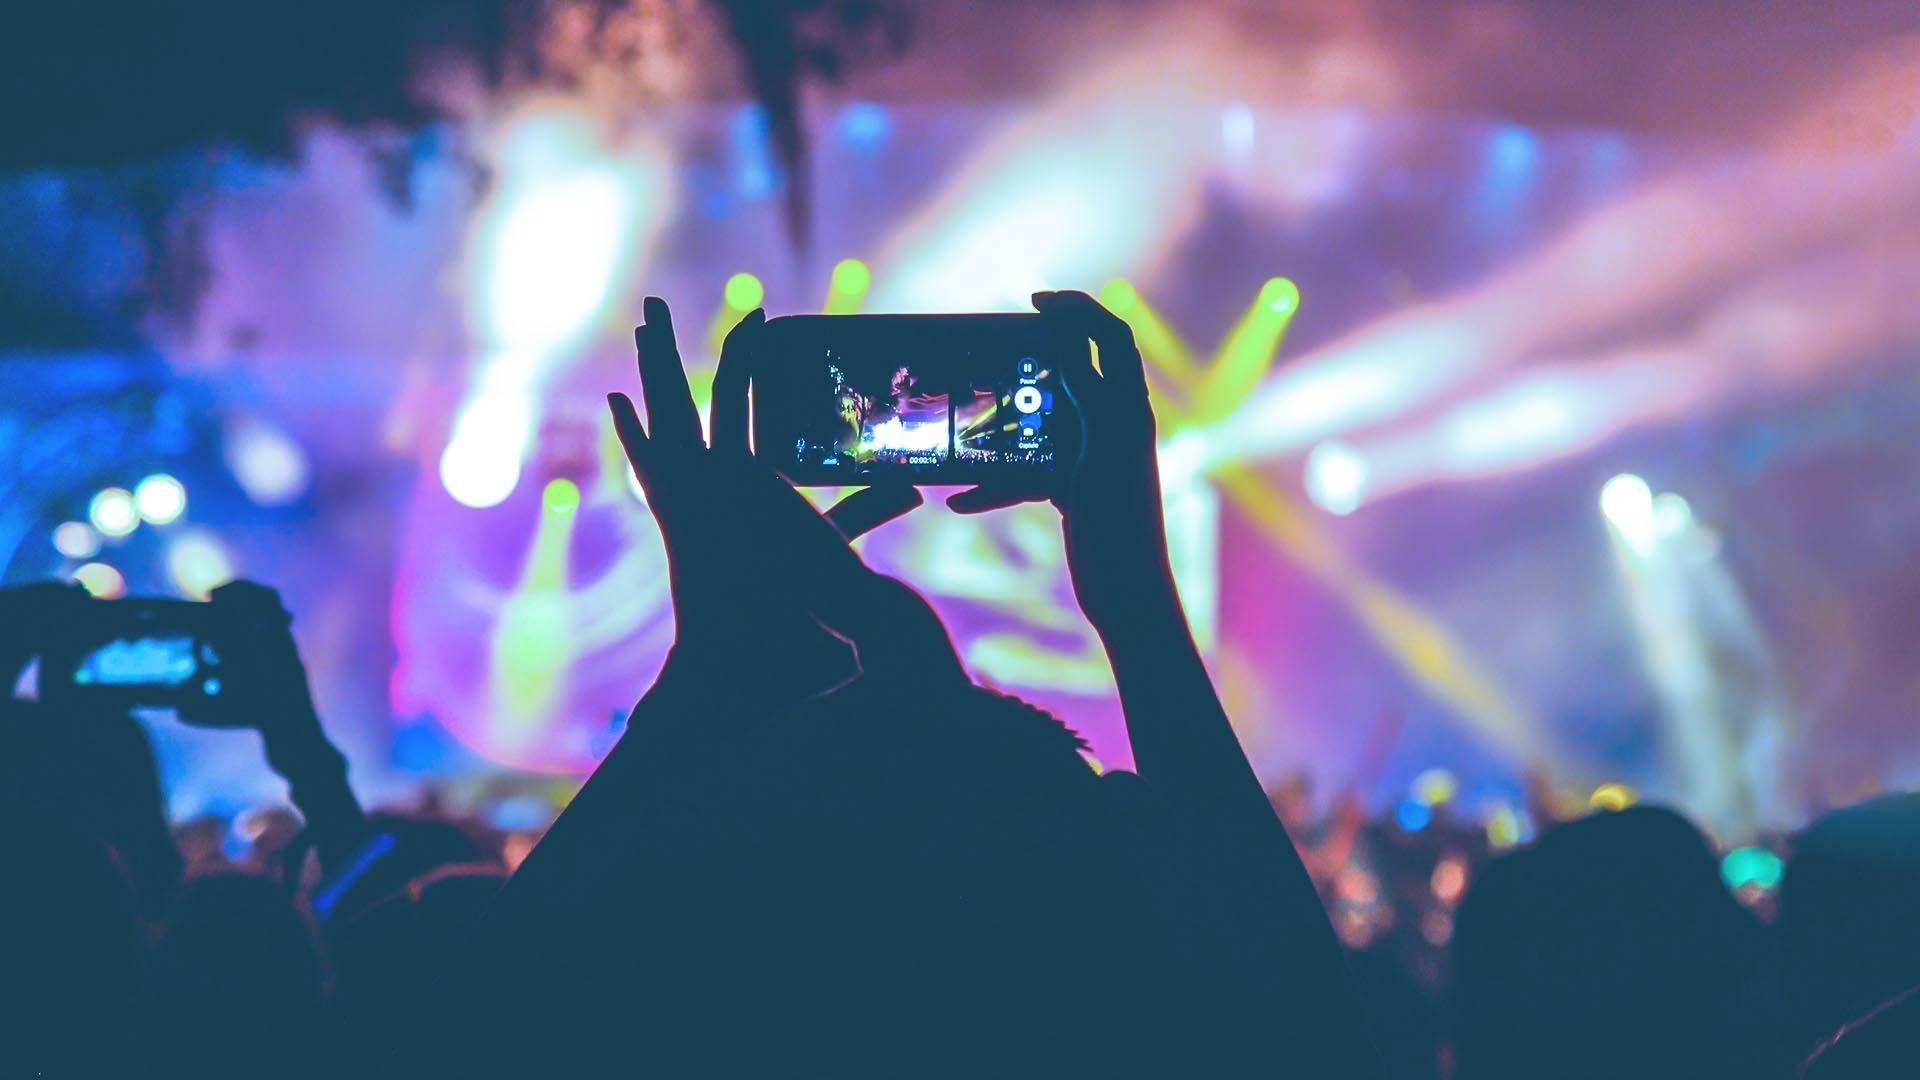 Apple ha sviluppato un software che blocca le fotocamere dei telefoni durante i concerti